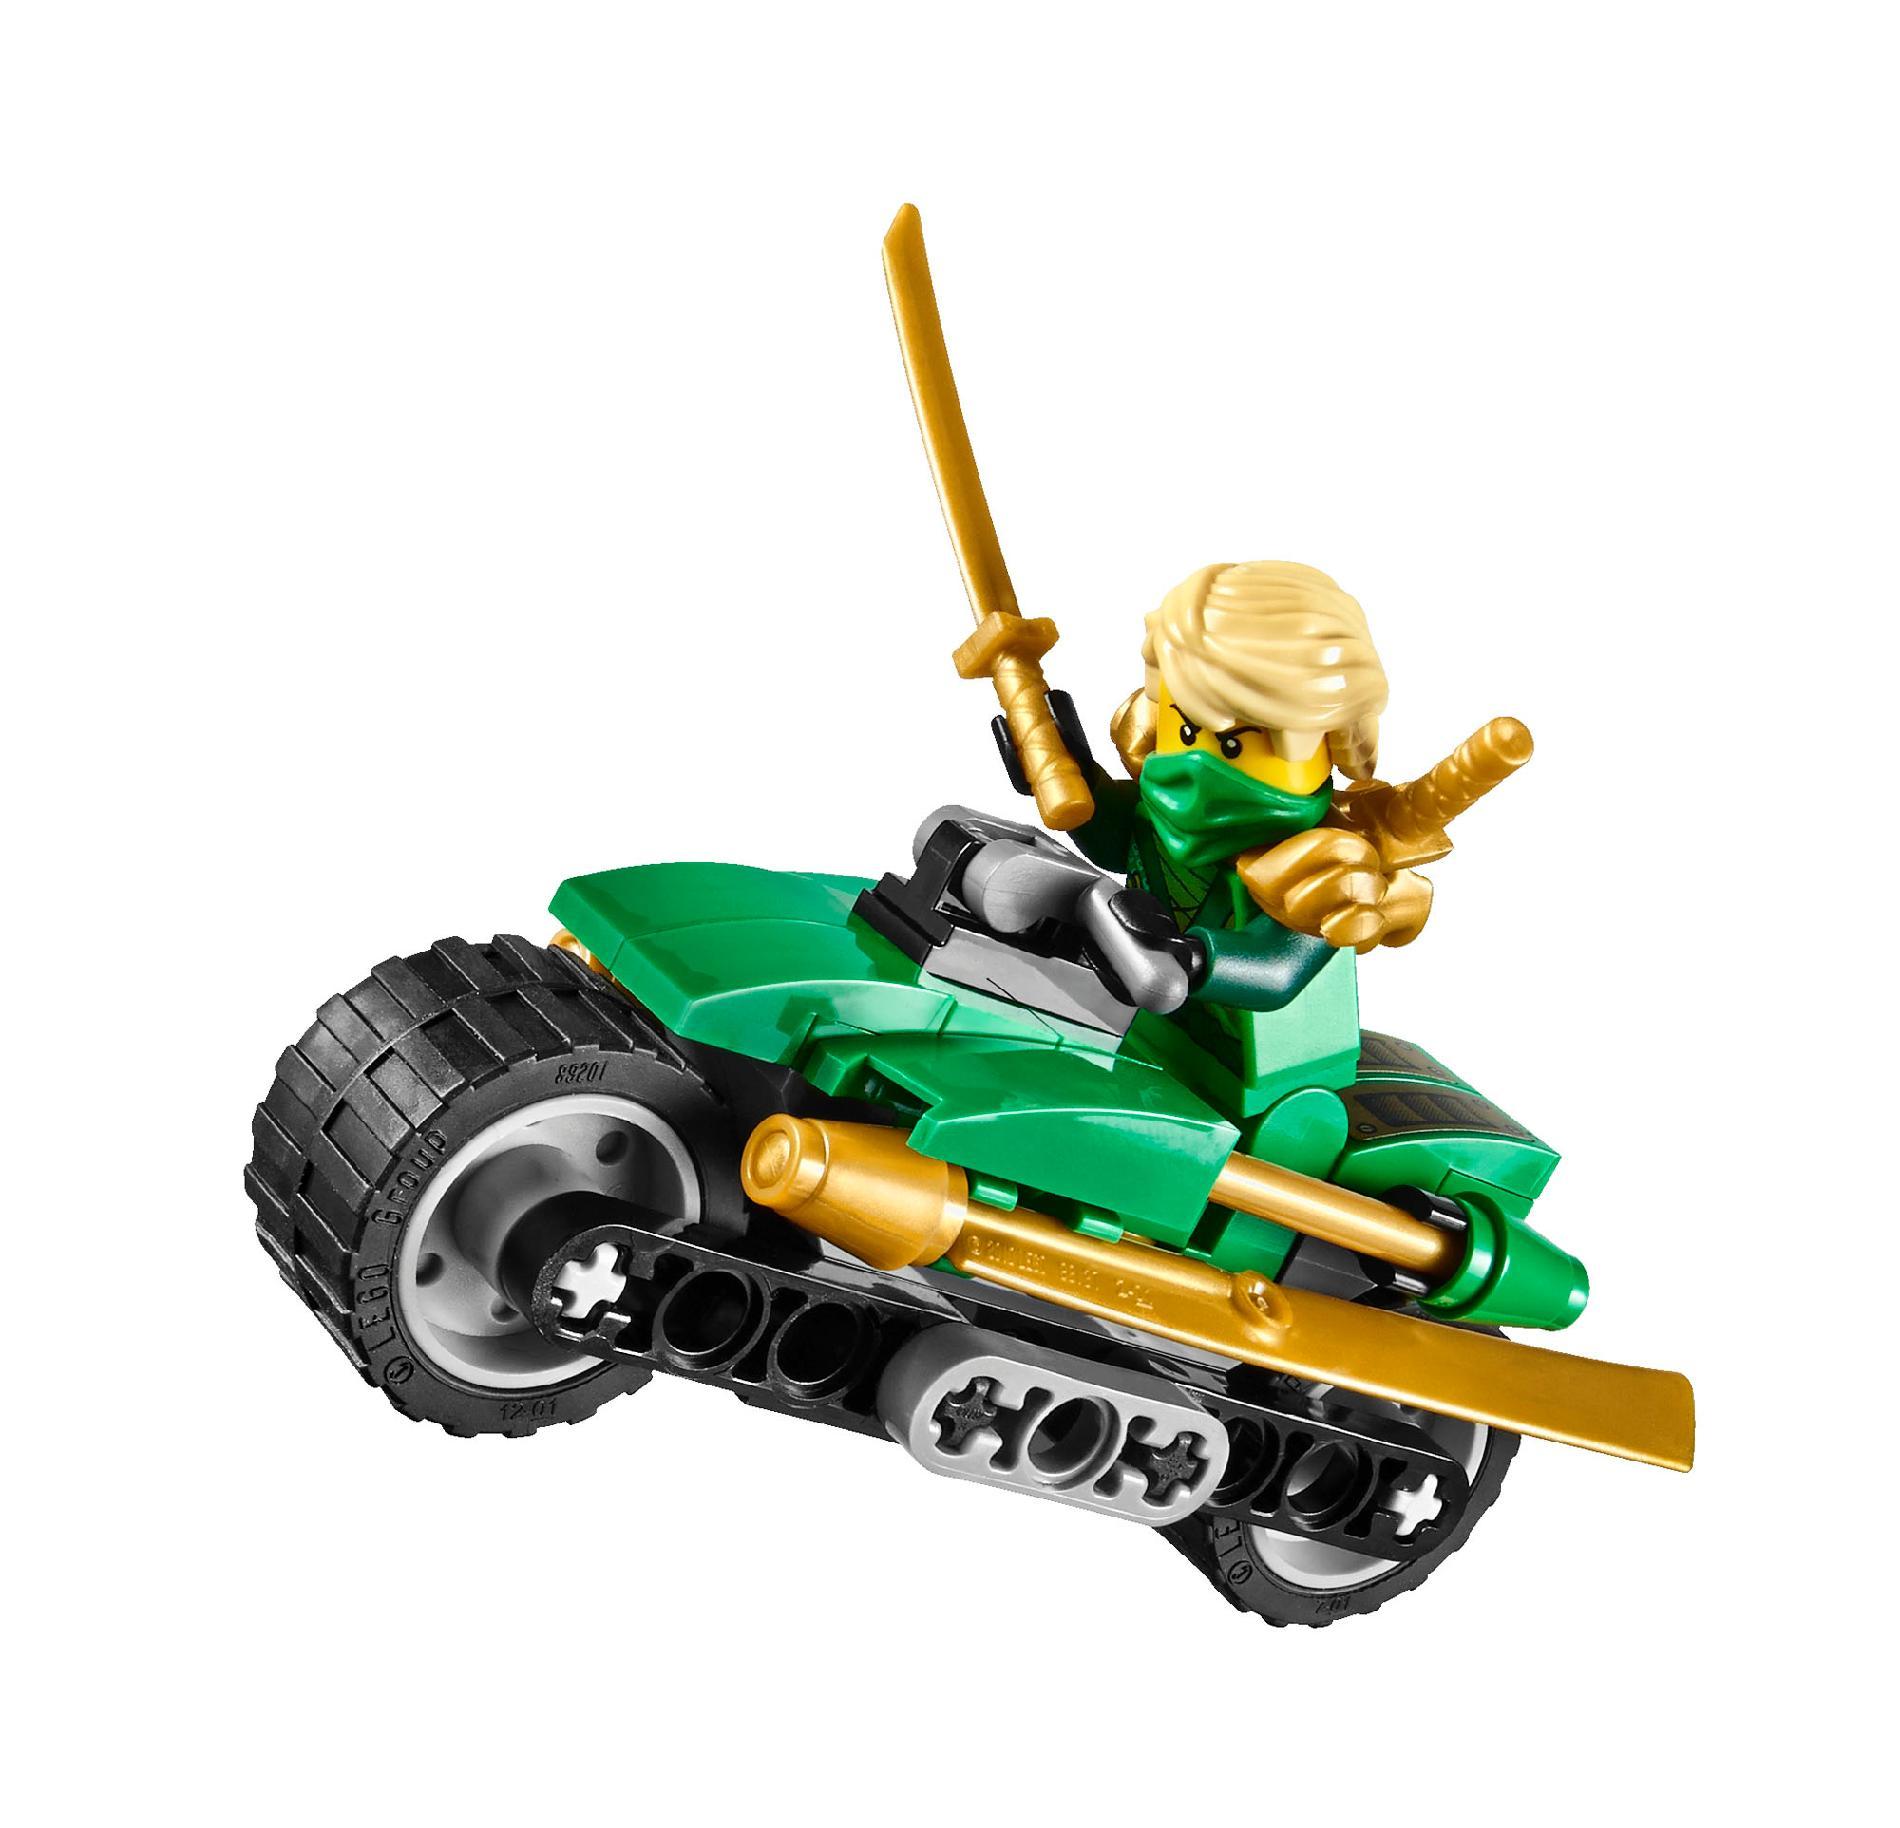 Lego Ninjago Toys : Ninjago rebooted